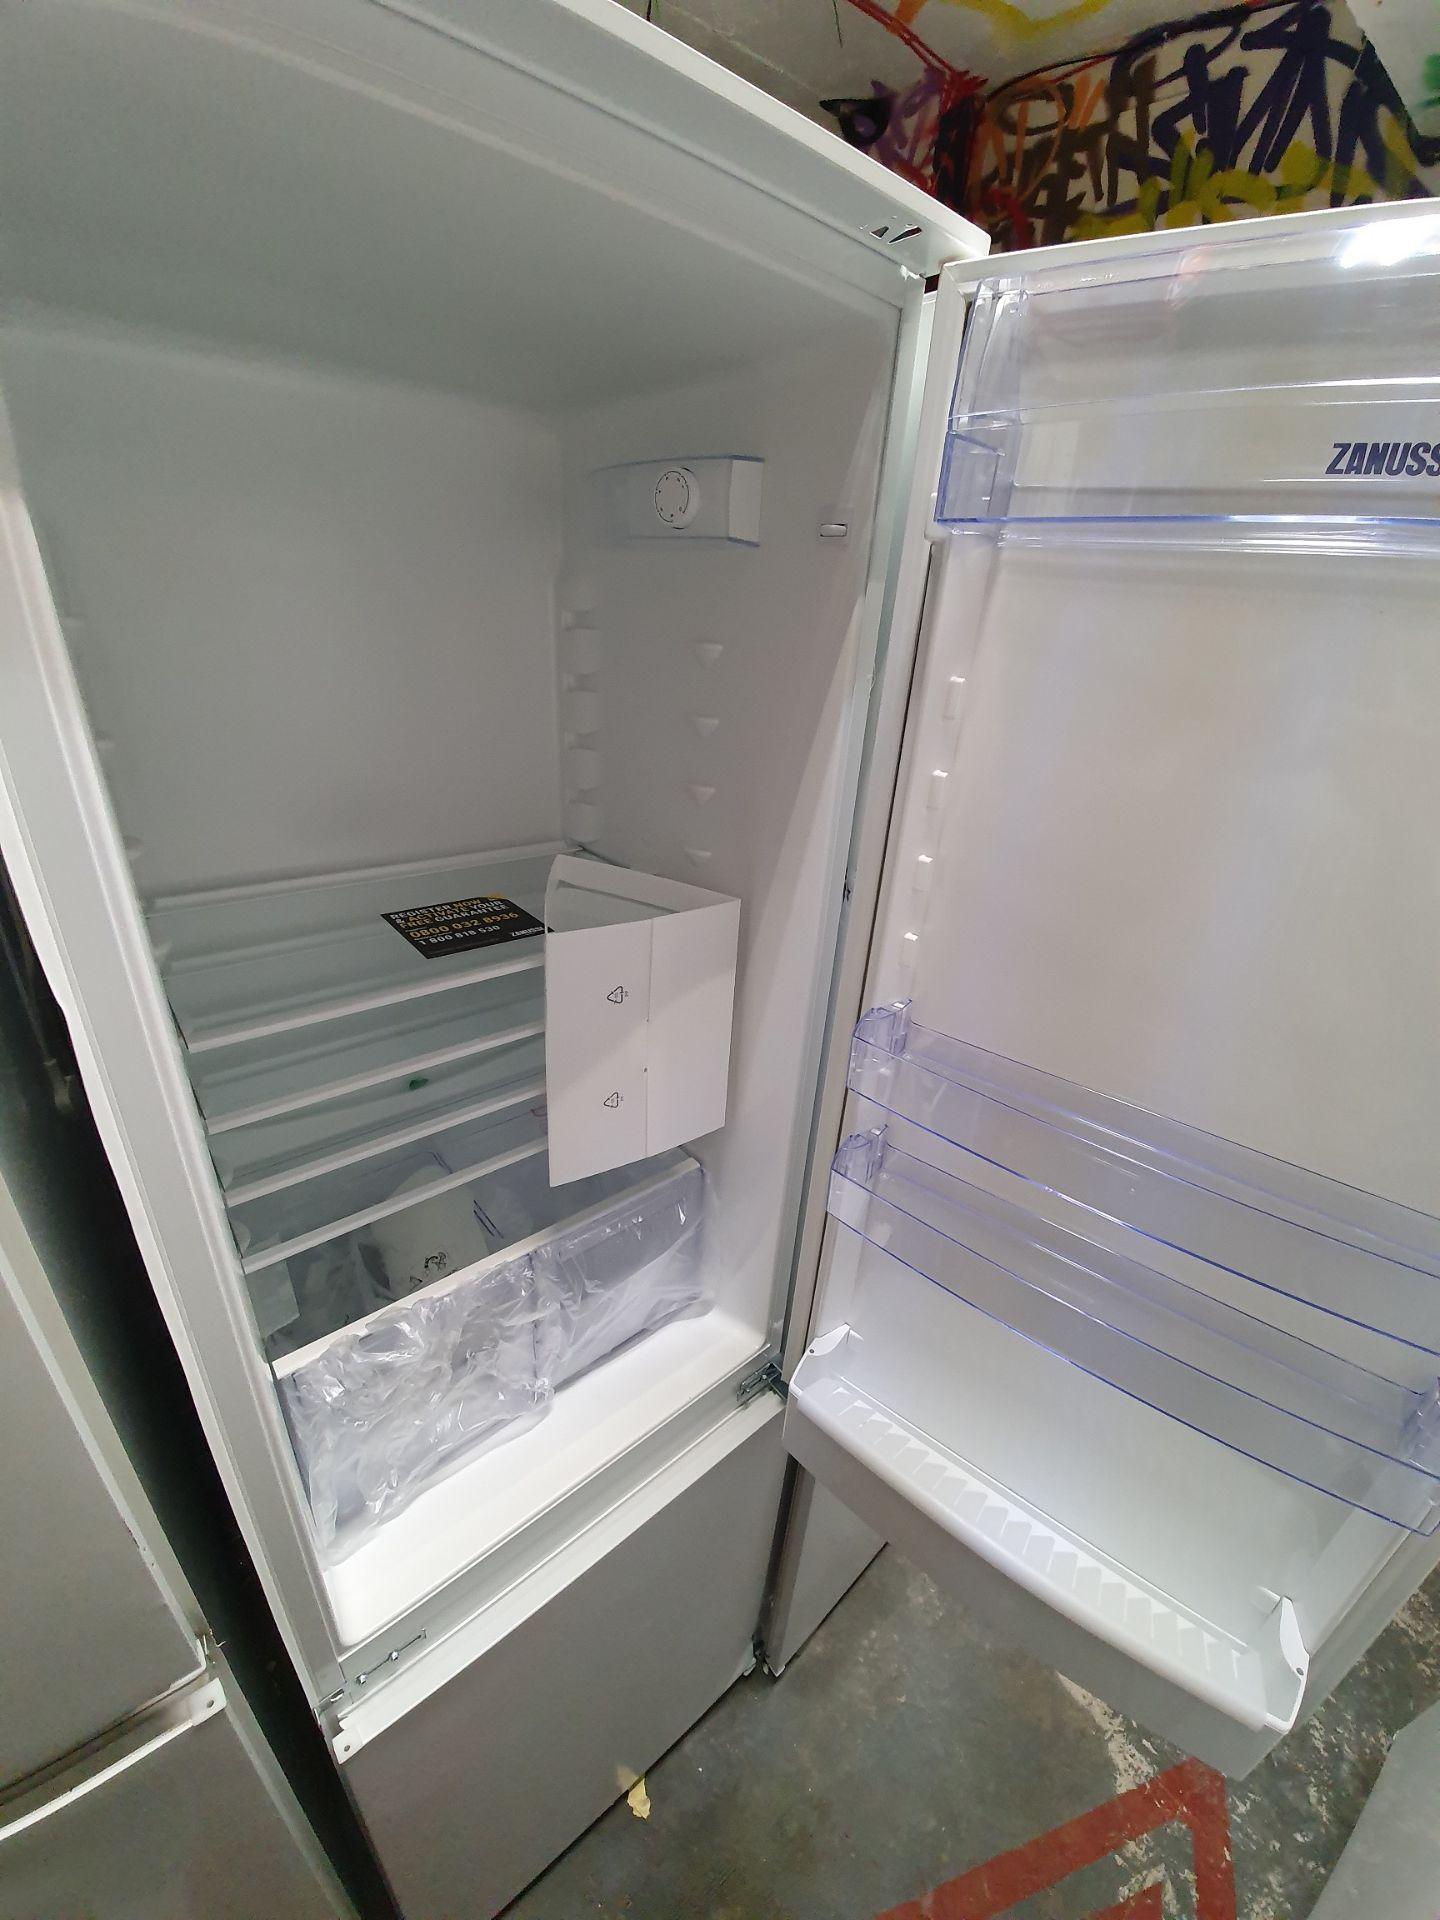 NEW/GRADED AND UNPACKAGED Electrolux ENN2801EOV Built-in 70:30 split Fridge Freezer (Brand new - Image 9 of 14